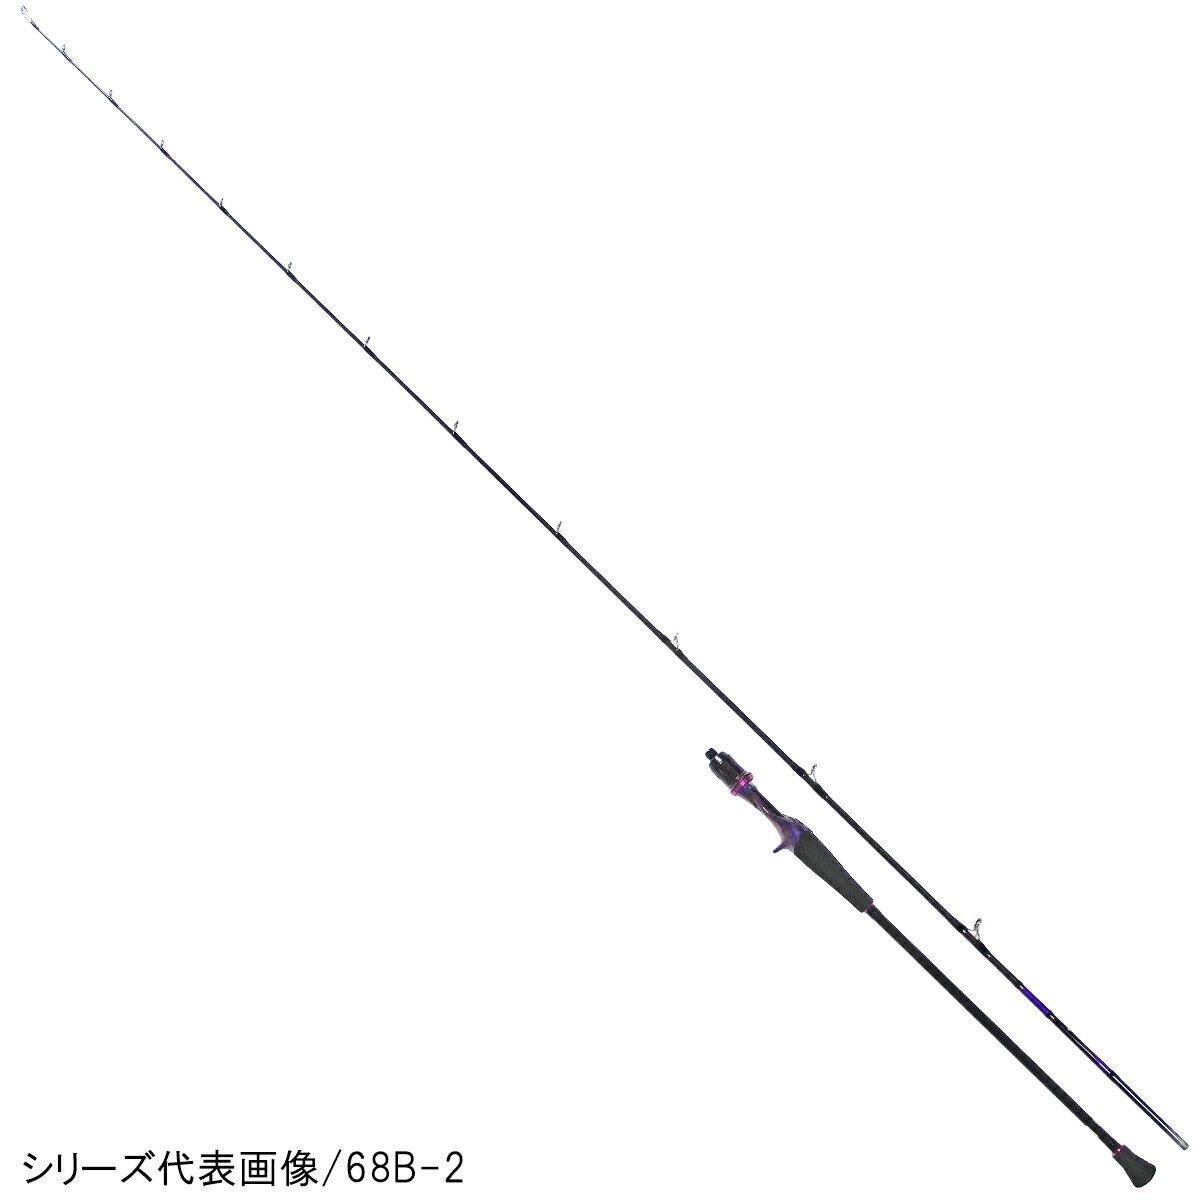 ダイワ 鏡牙 AIR 63B-2TG